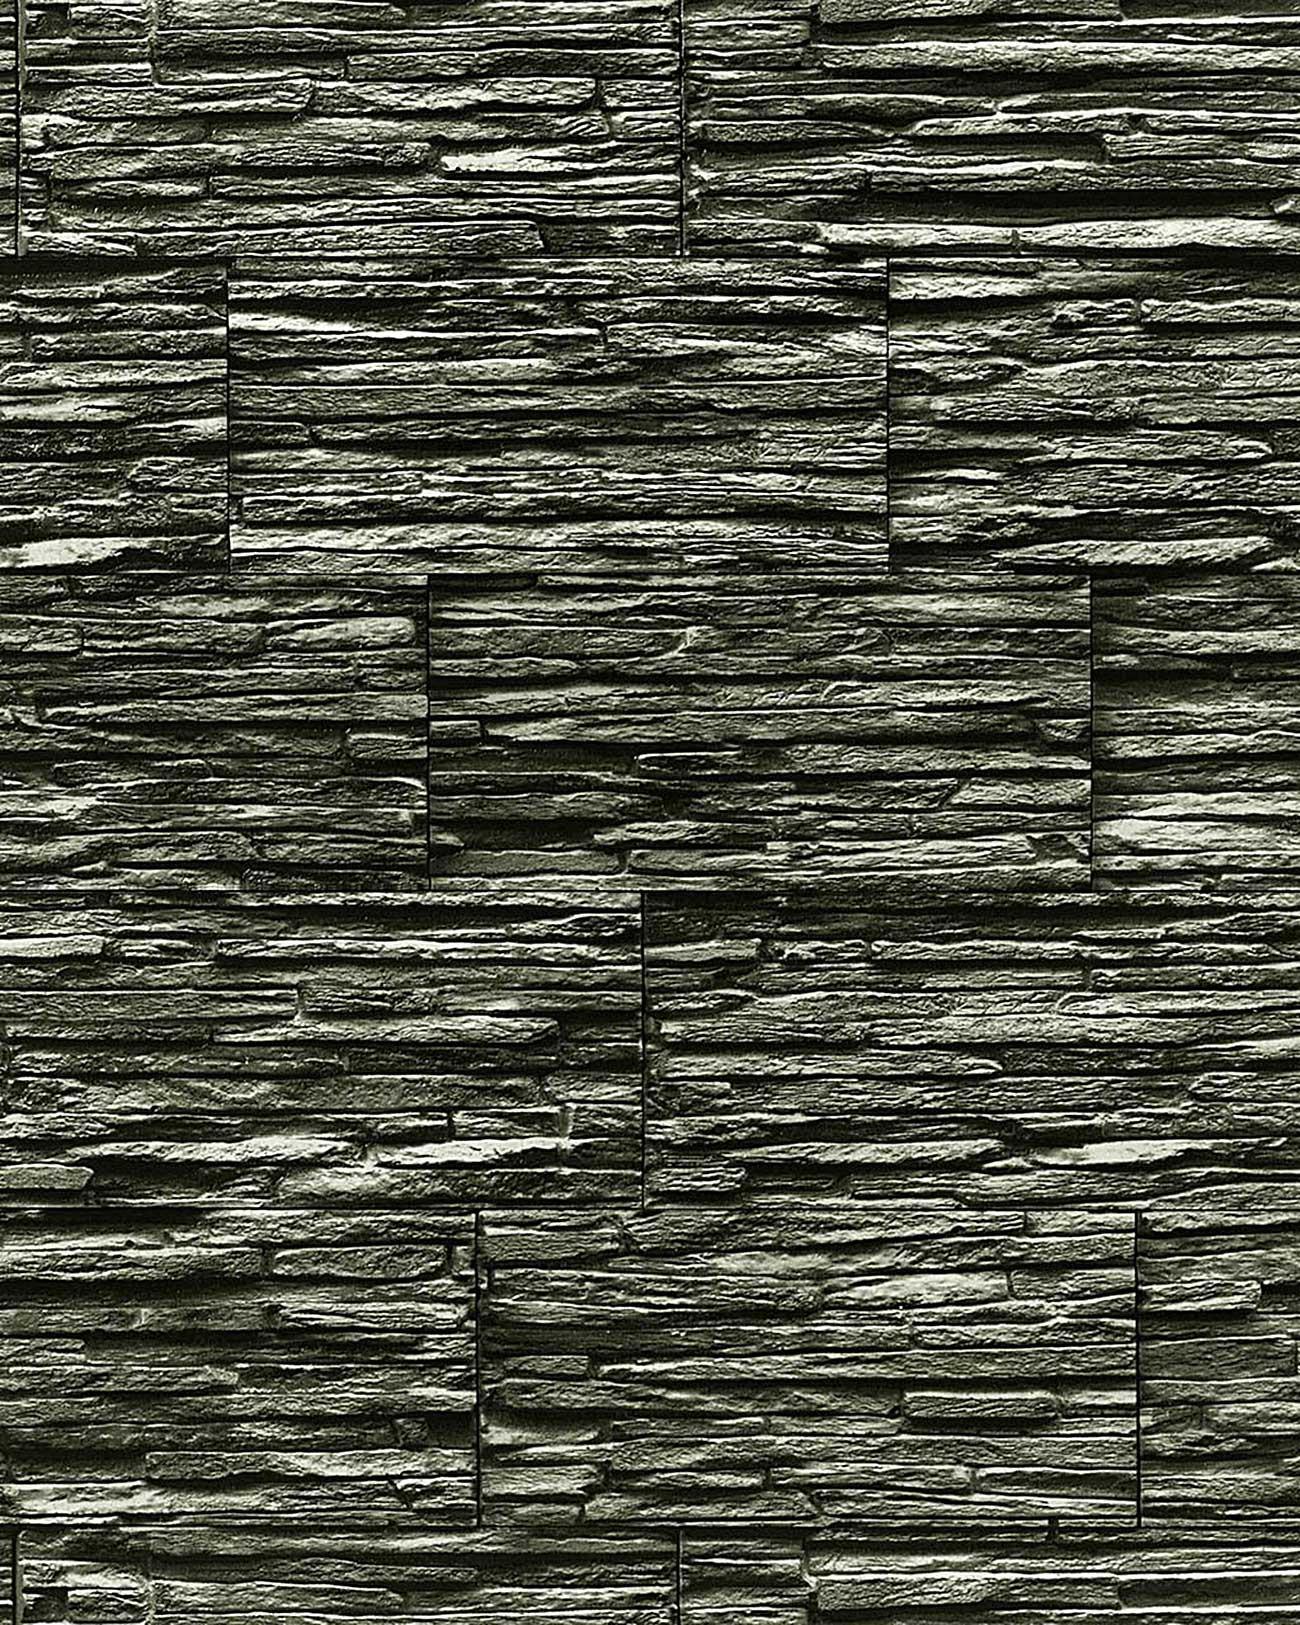 Papier peint quartzite ardoise en relief 1003-34 vinyle ...